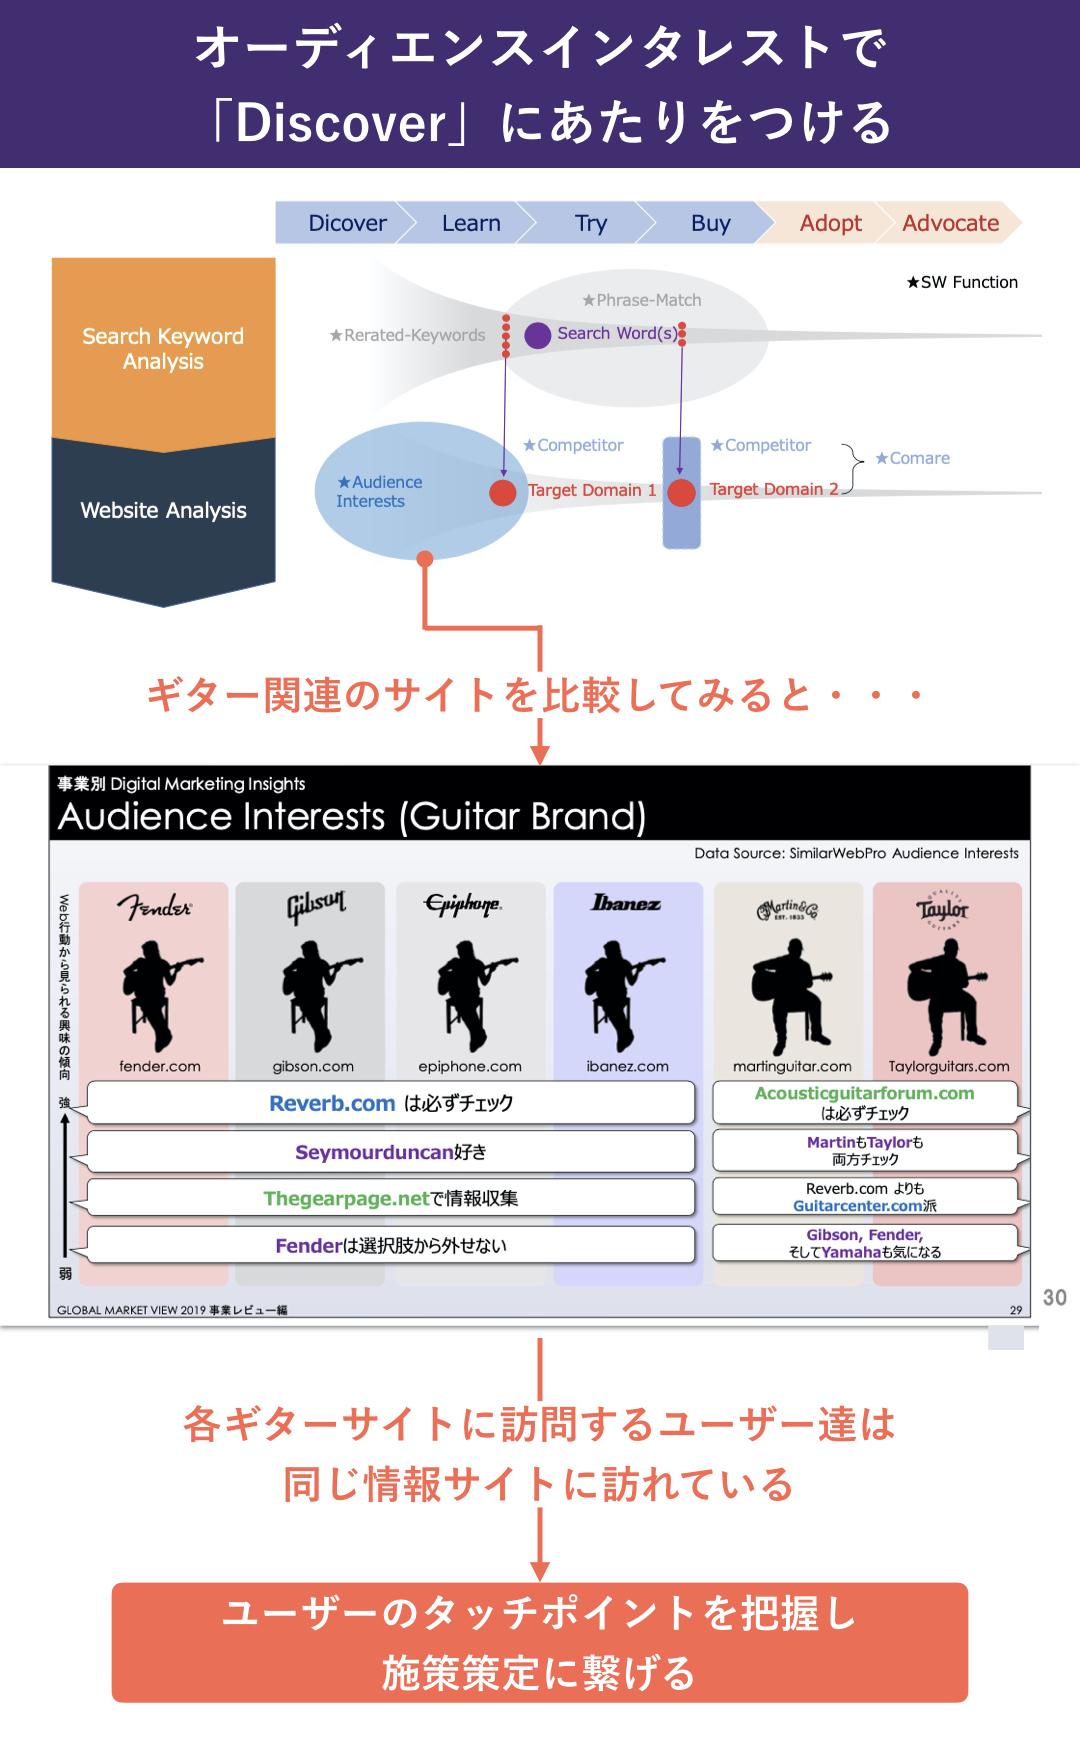 ヤマハ株式会社:濱崎司_オーディエンスインタレストで 「Discover」にあたりをつける